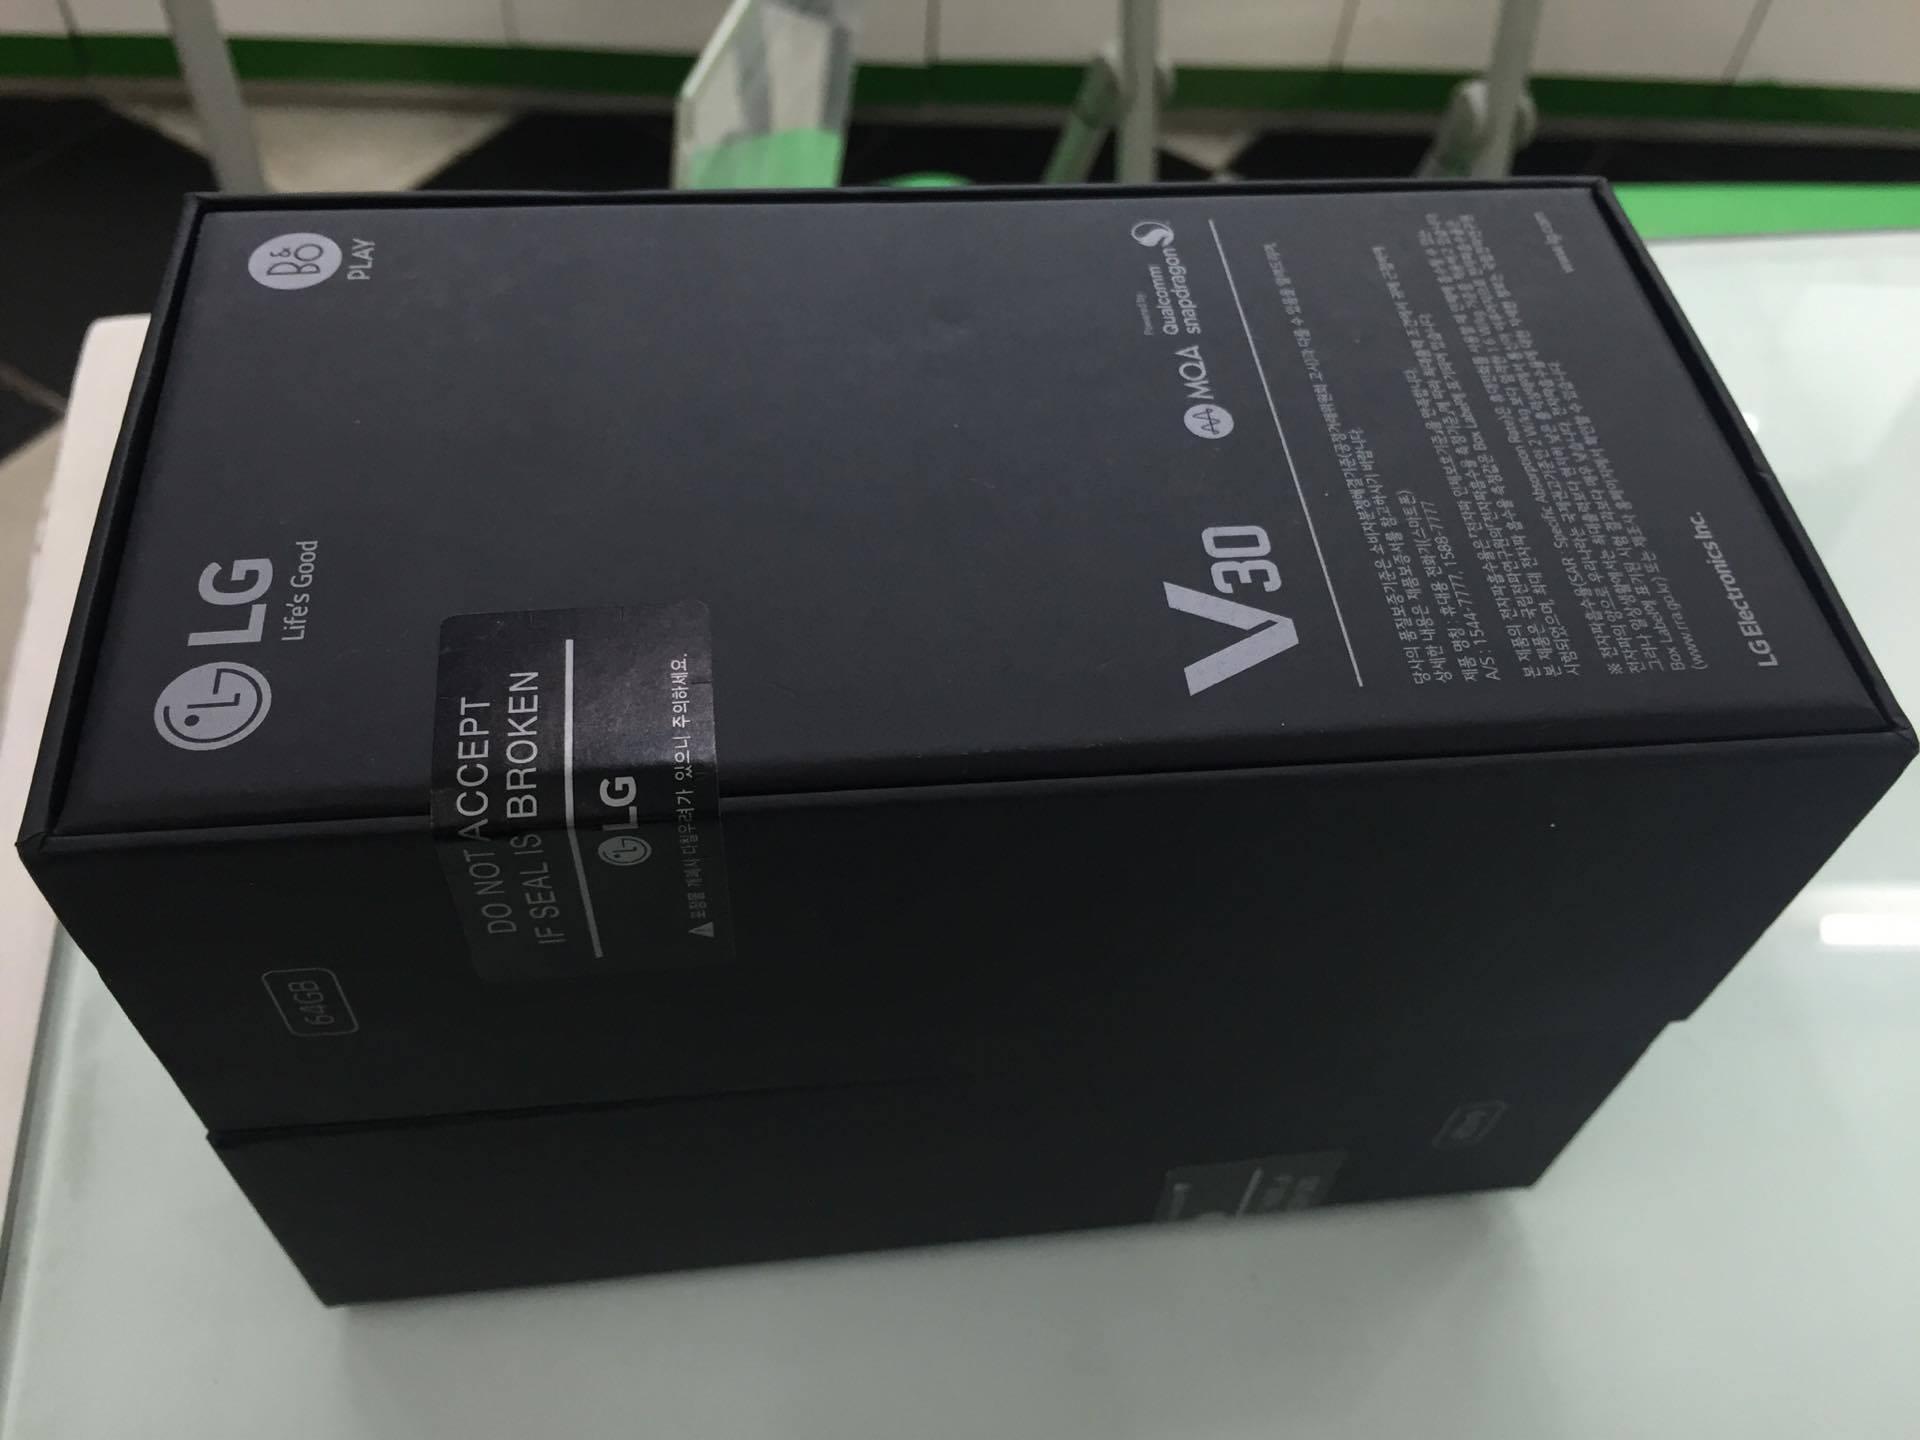 3 Điện thoại LG V30, LG V35 tại Minmobile Hải Phòng : giá 3.900k